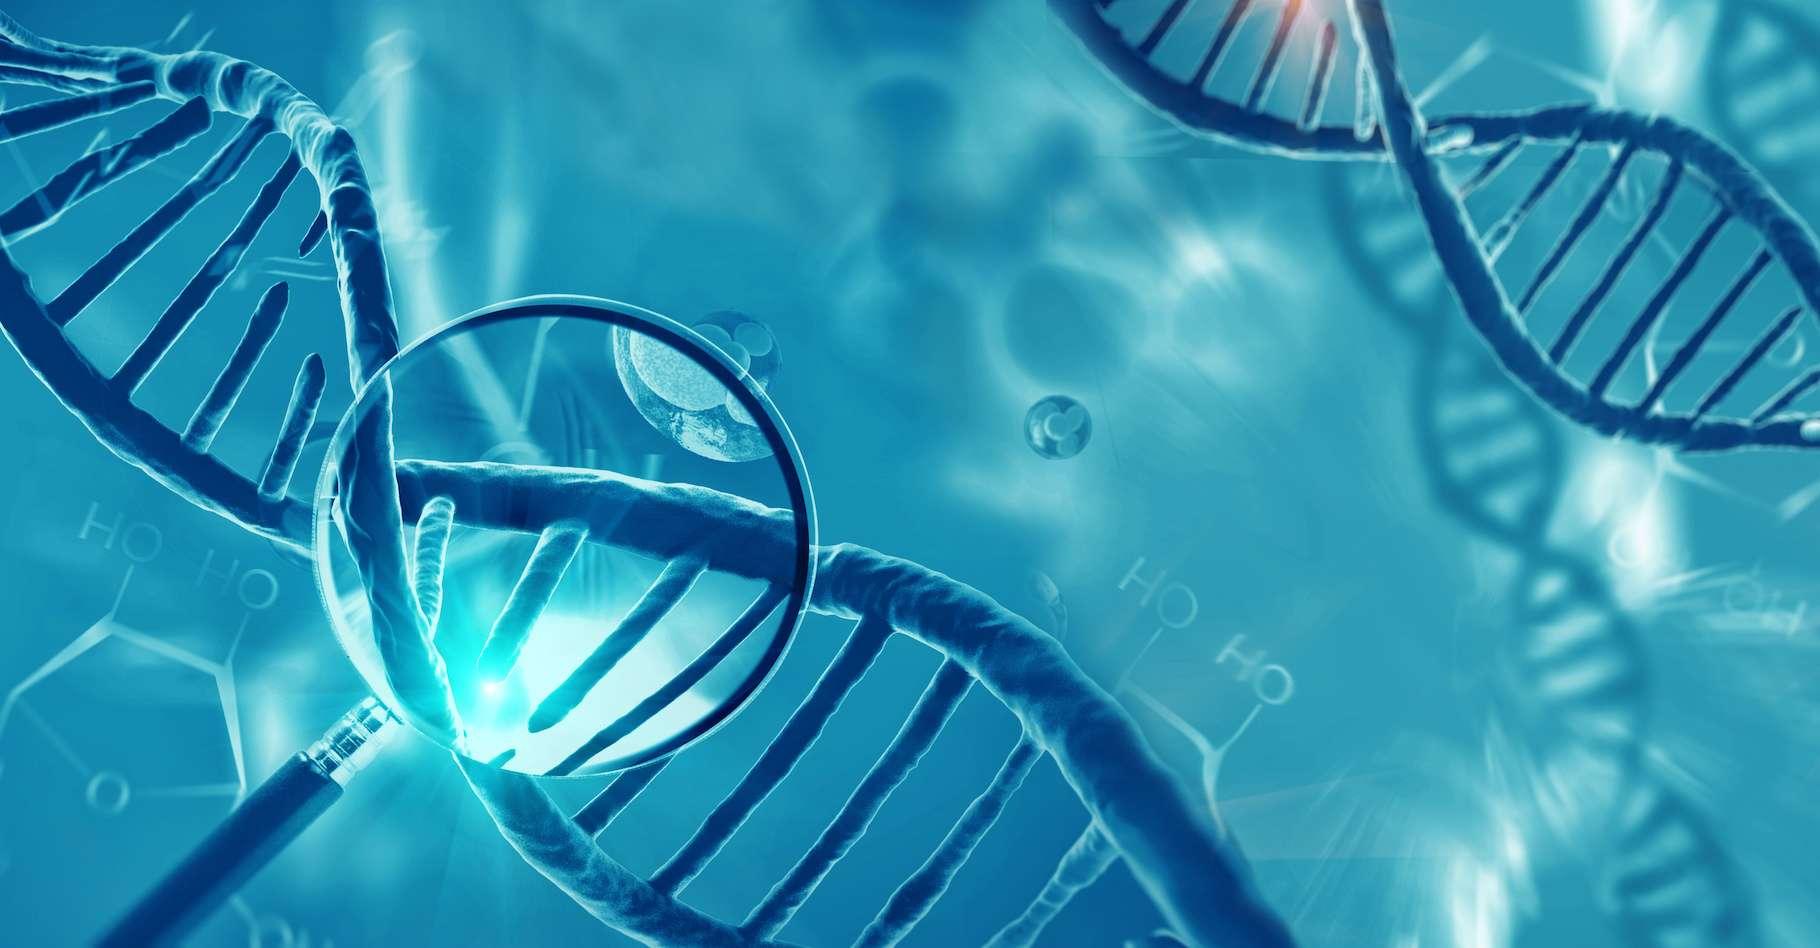 Comment se replie l'ARN pour prendre sa forme finale ? © Giovanni Cancemi, Adobe Stock